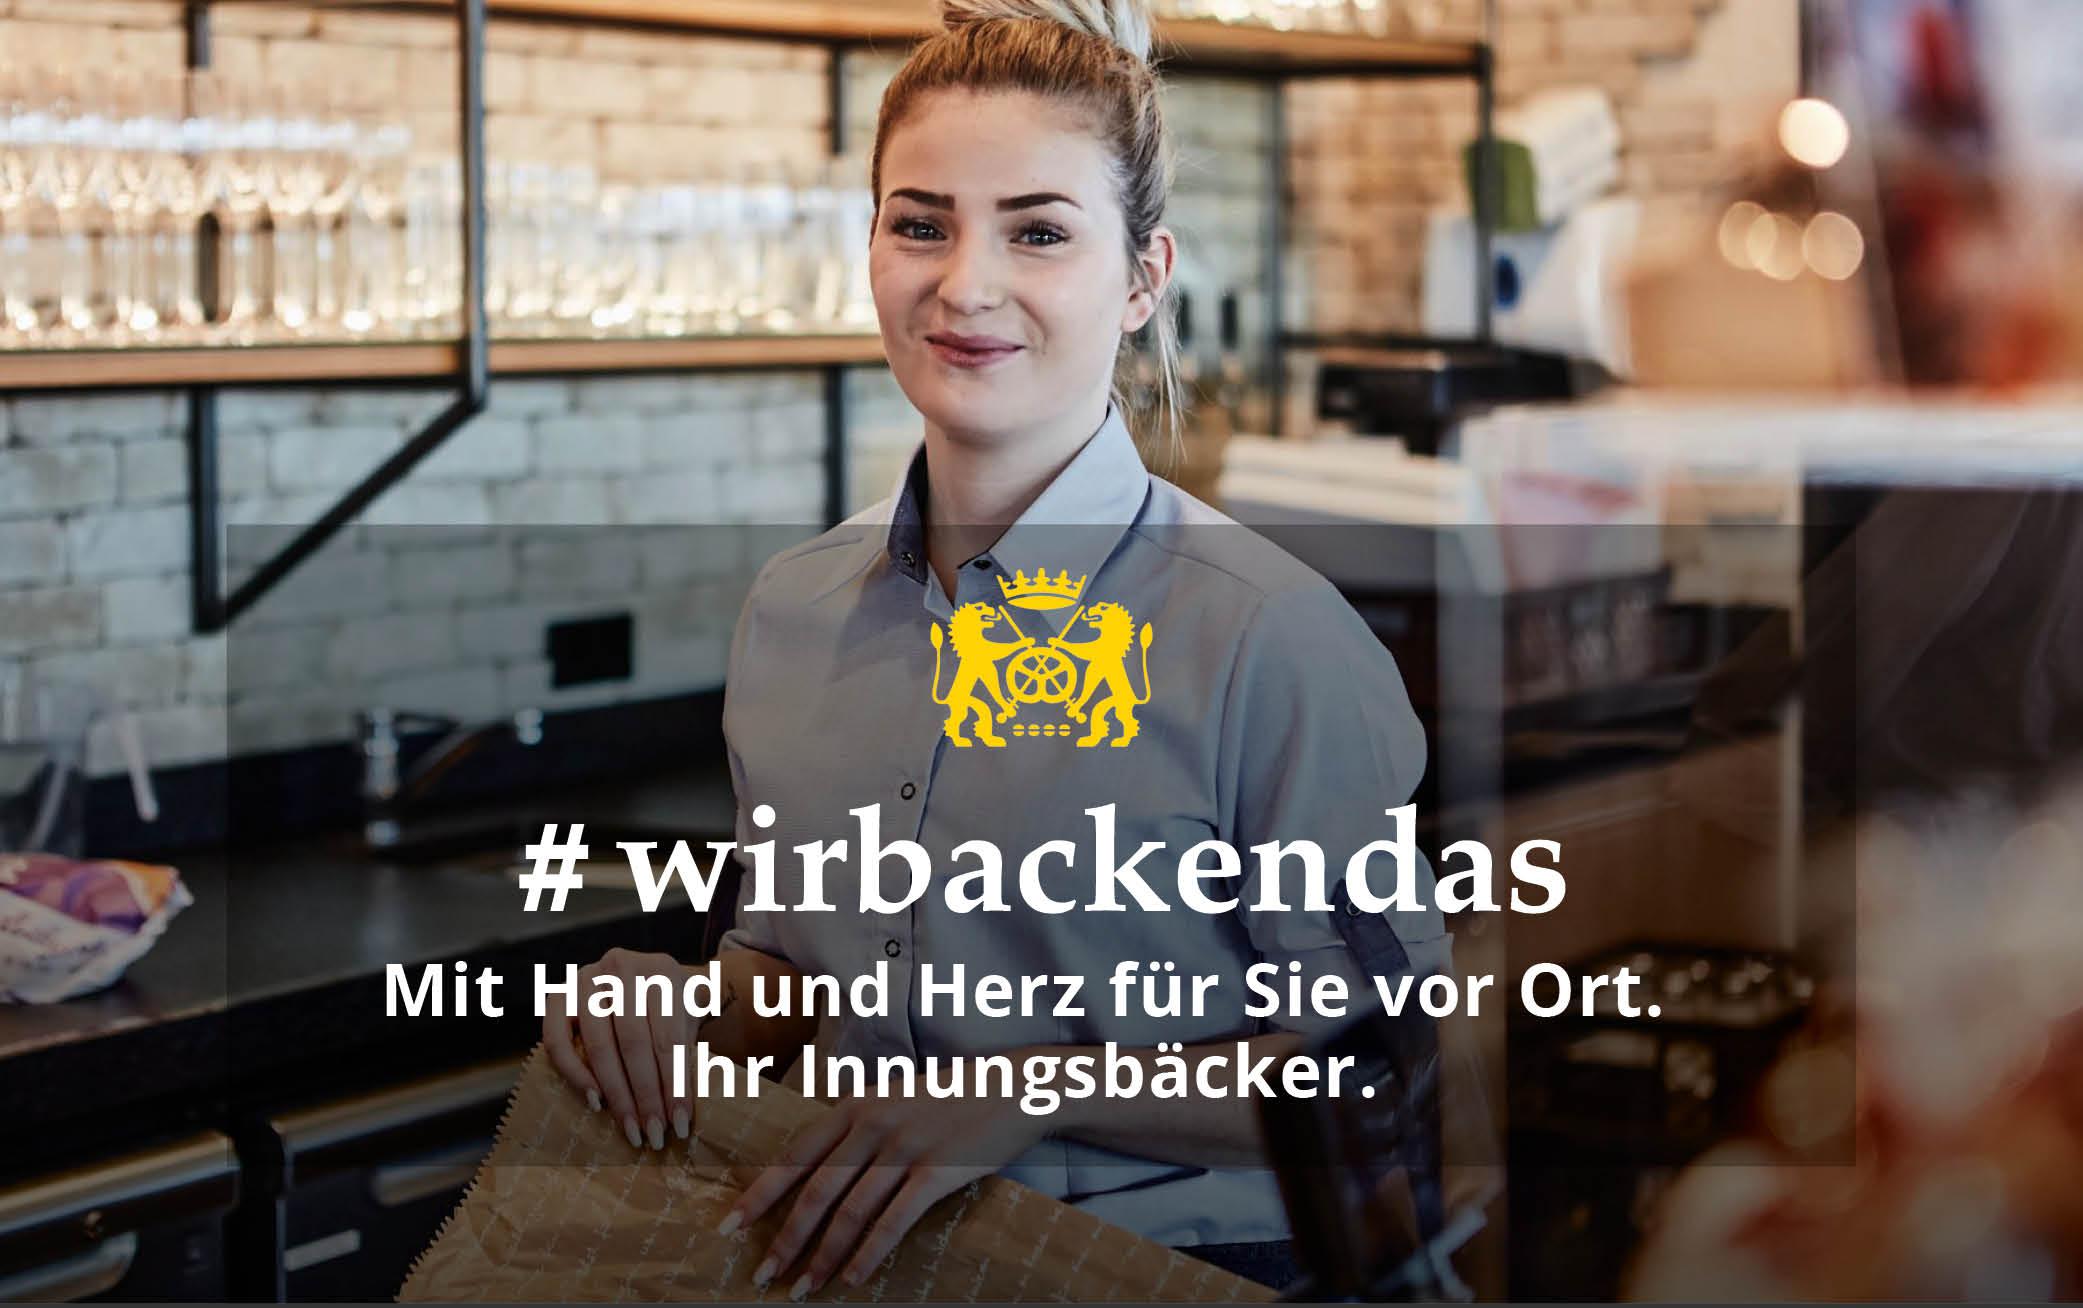 Lockdown trifft das Bäckerhandwerk in Schleswig-Holstein